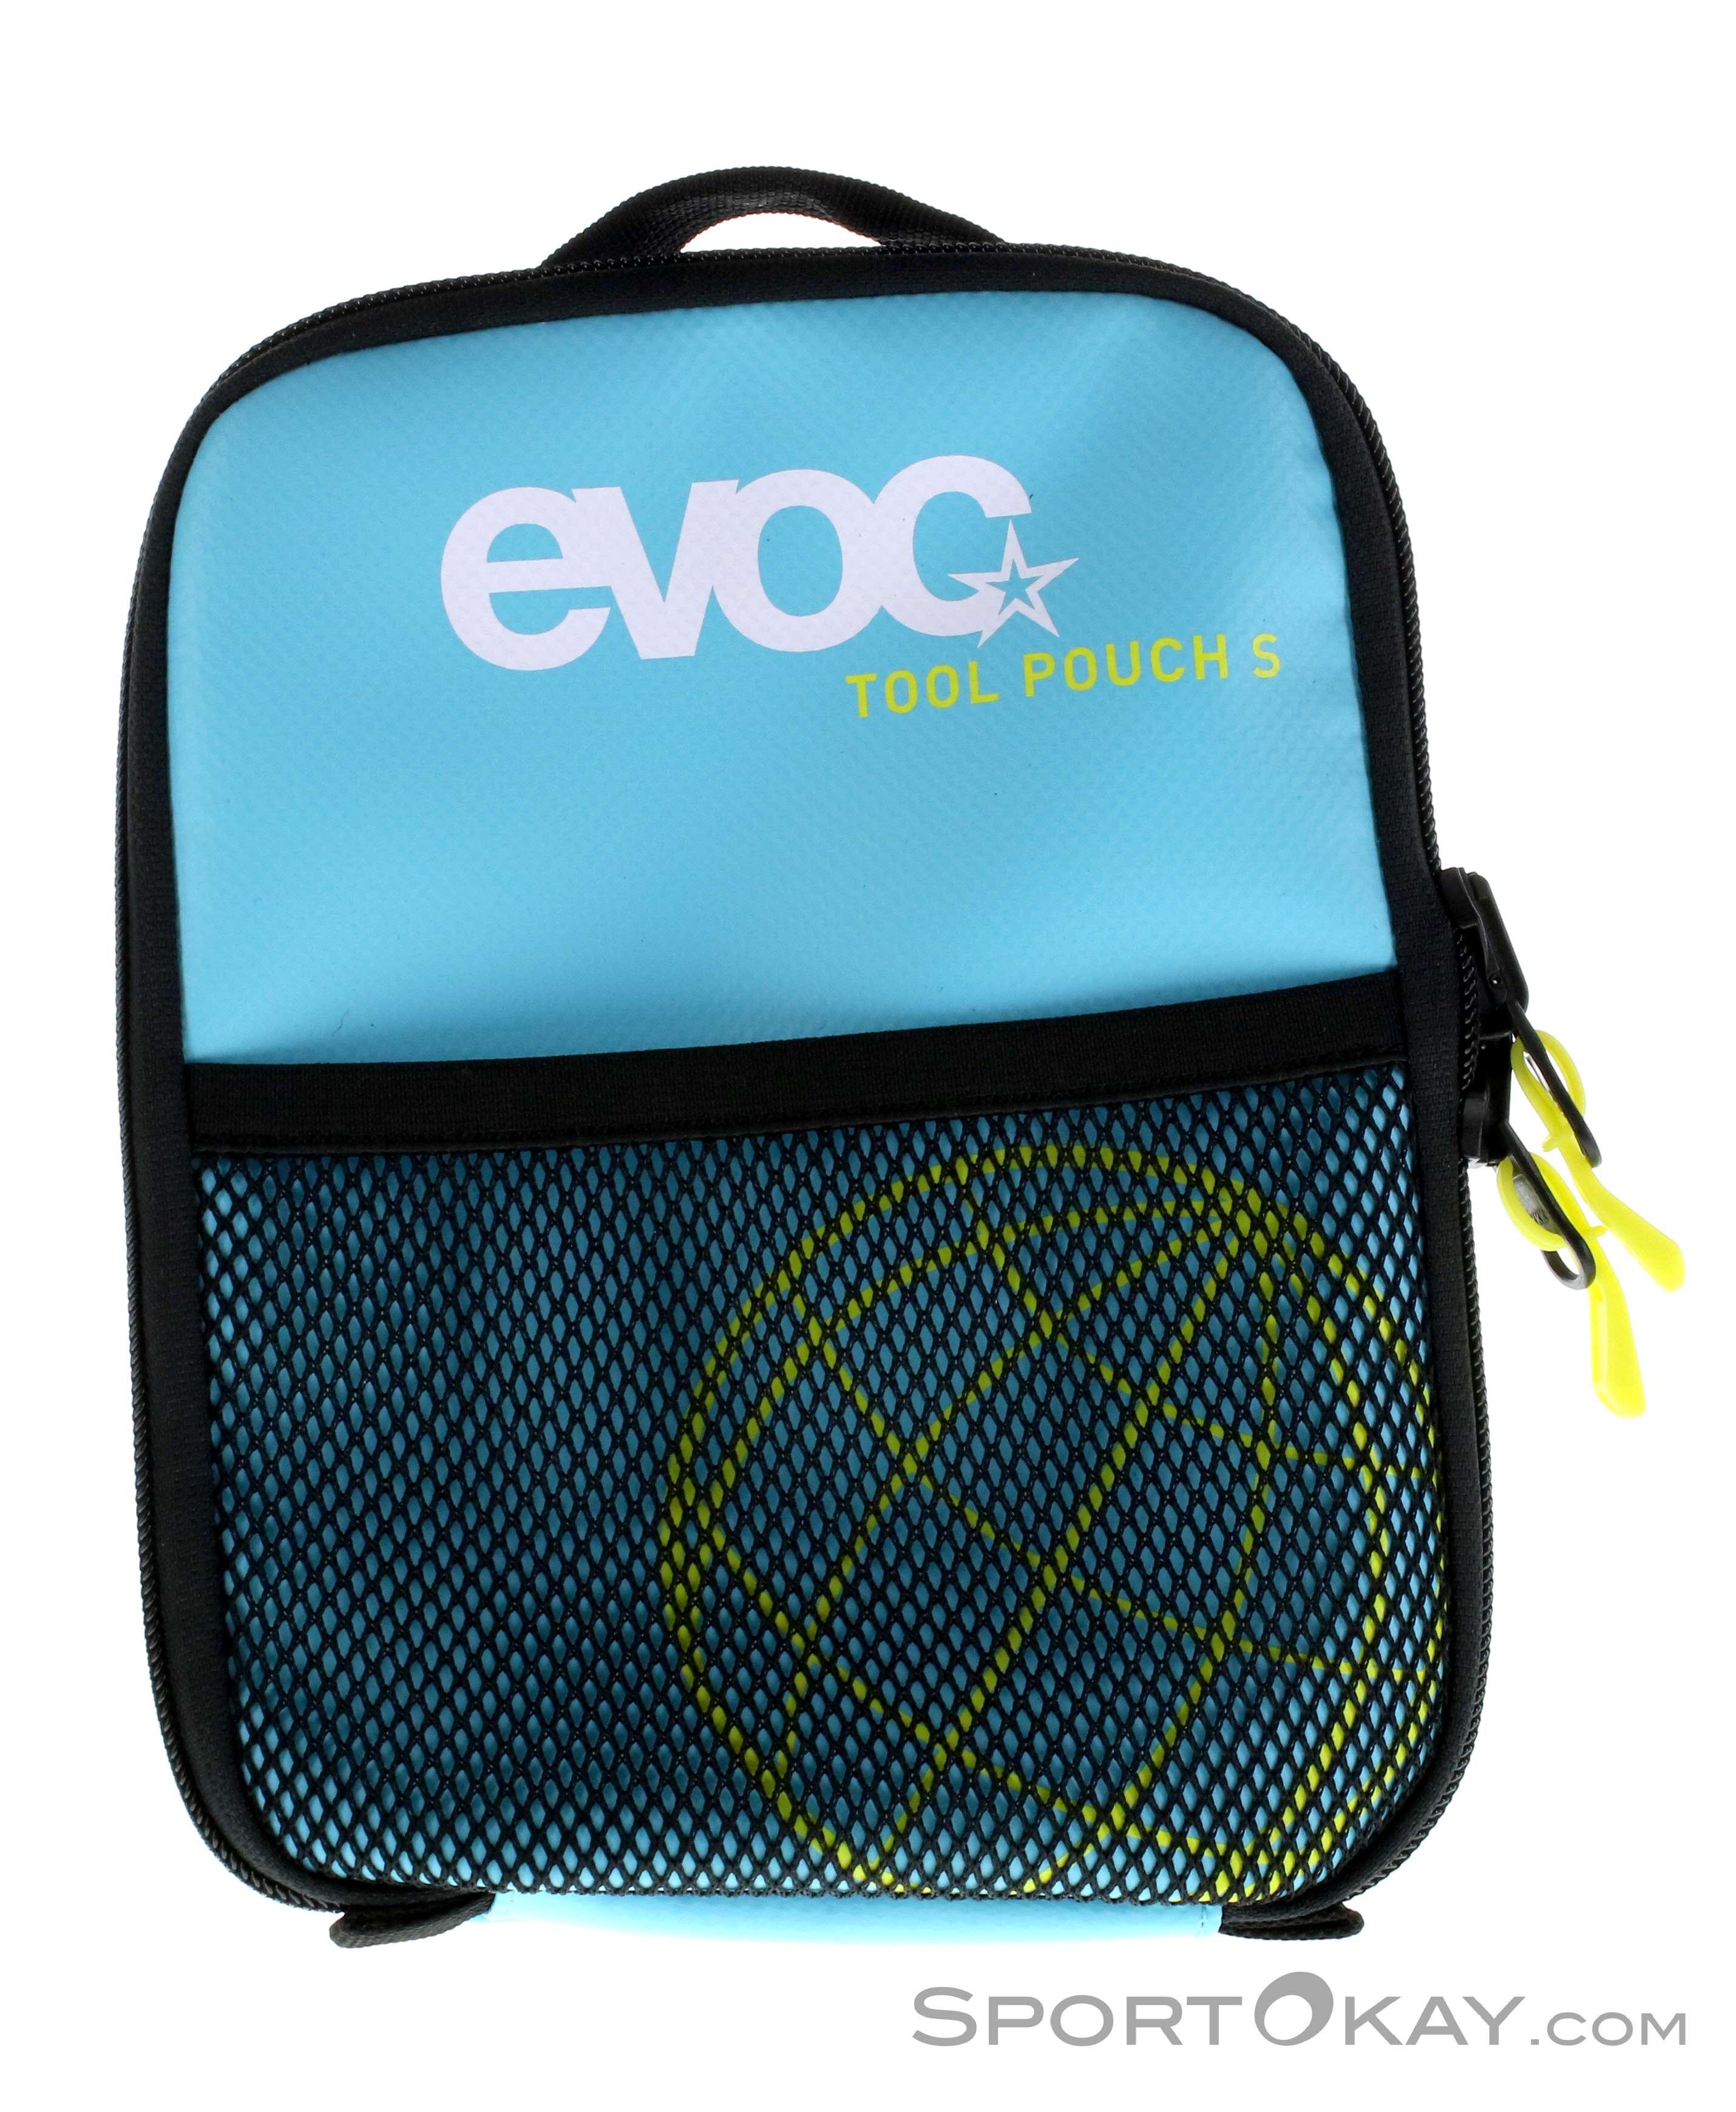 Evoc Tool Pouch Bikezubehör Tasche, Evoc, Blau, , Unisex, 0152-10159, 5637535632, 4250450713227, N1-01.jpg